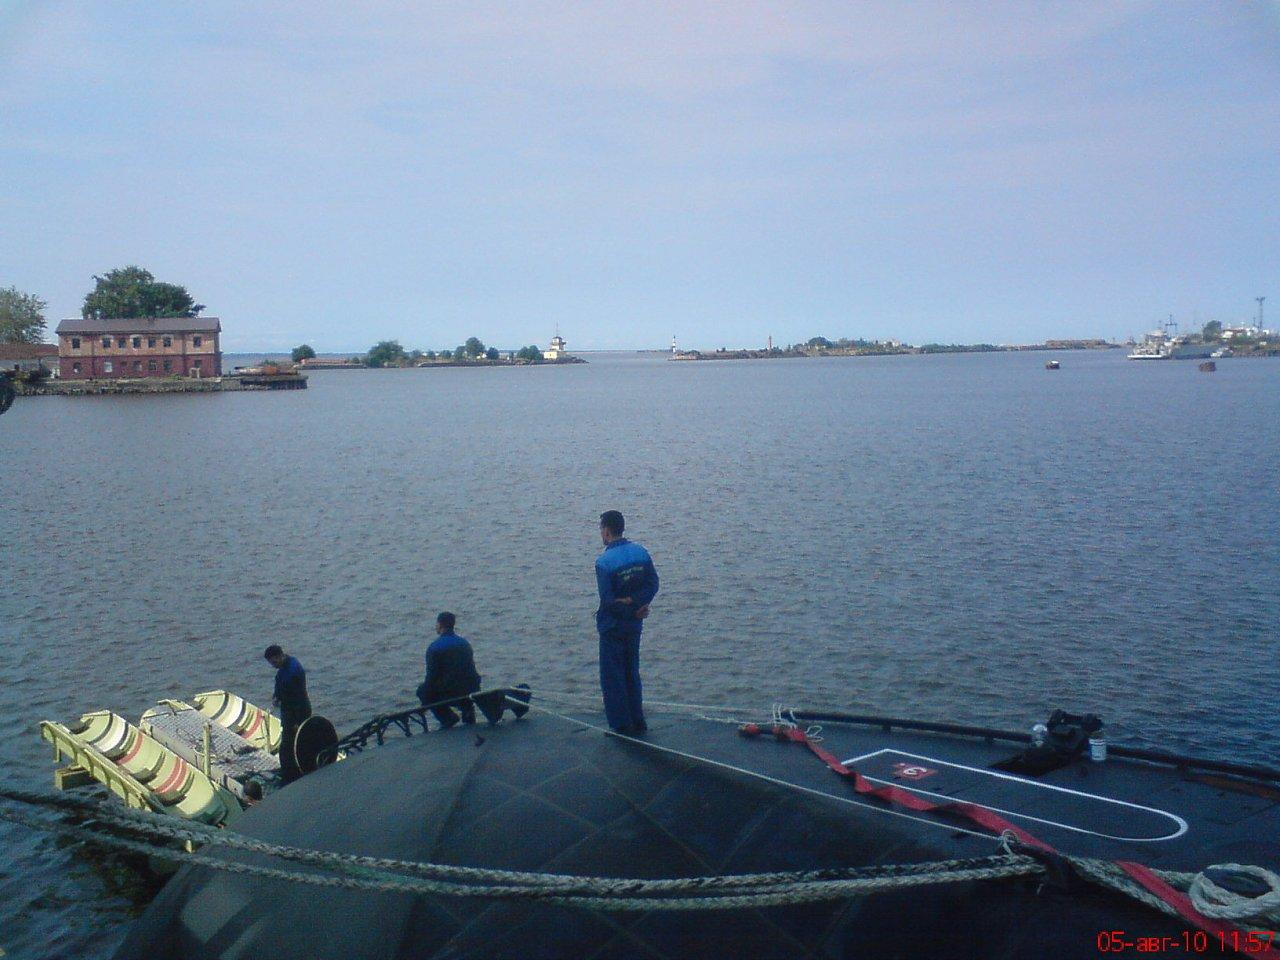 الكلوب اس على متن الغواصة الجزائرية  12953417